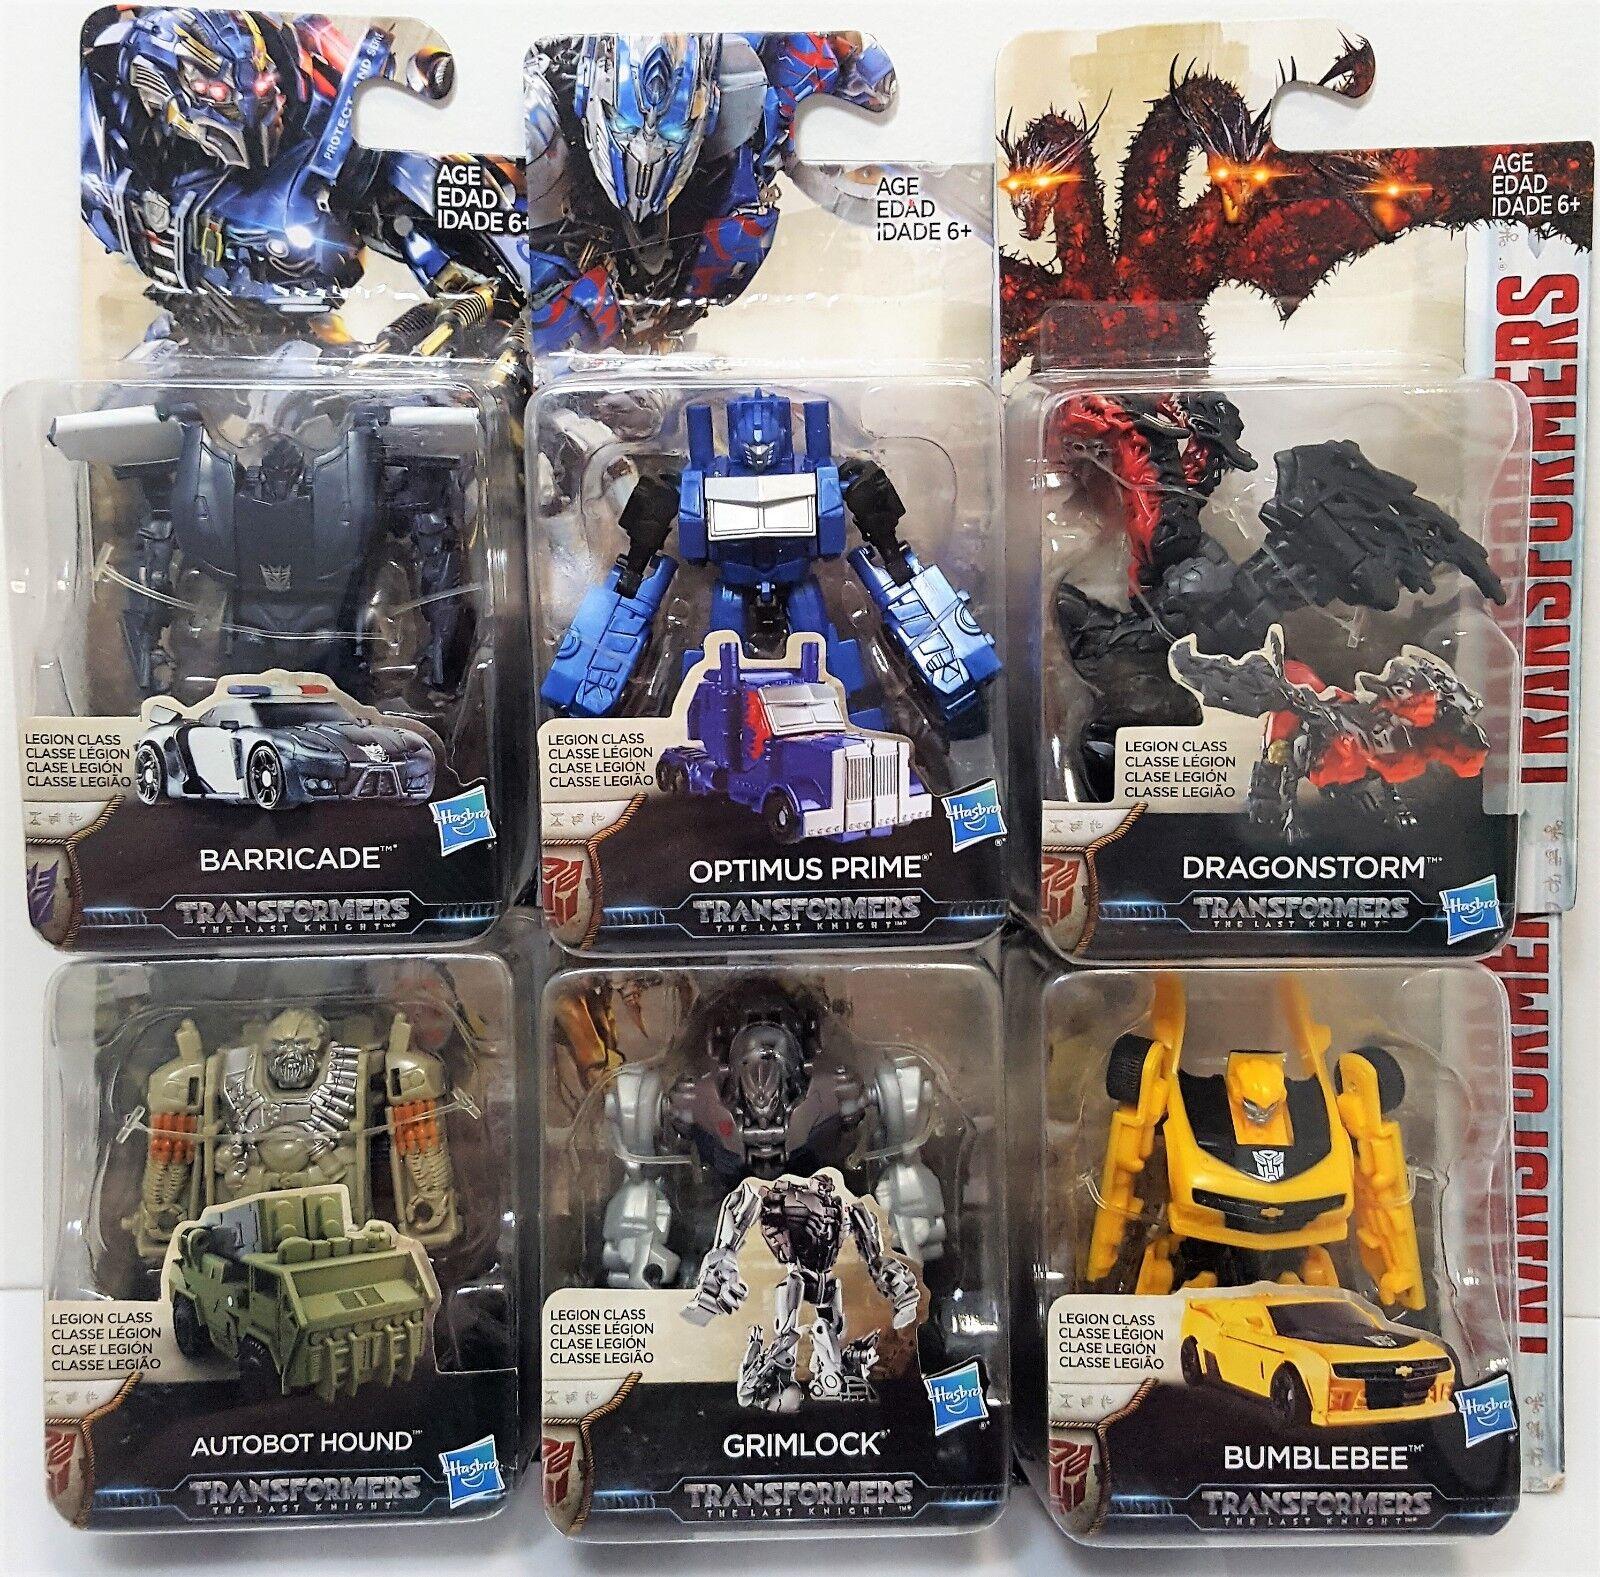 Transformers Legion classe Set of 6 The Last Knight azione cifra Hasbro